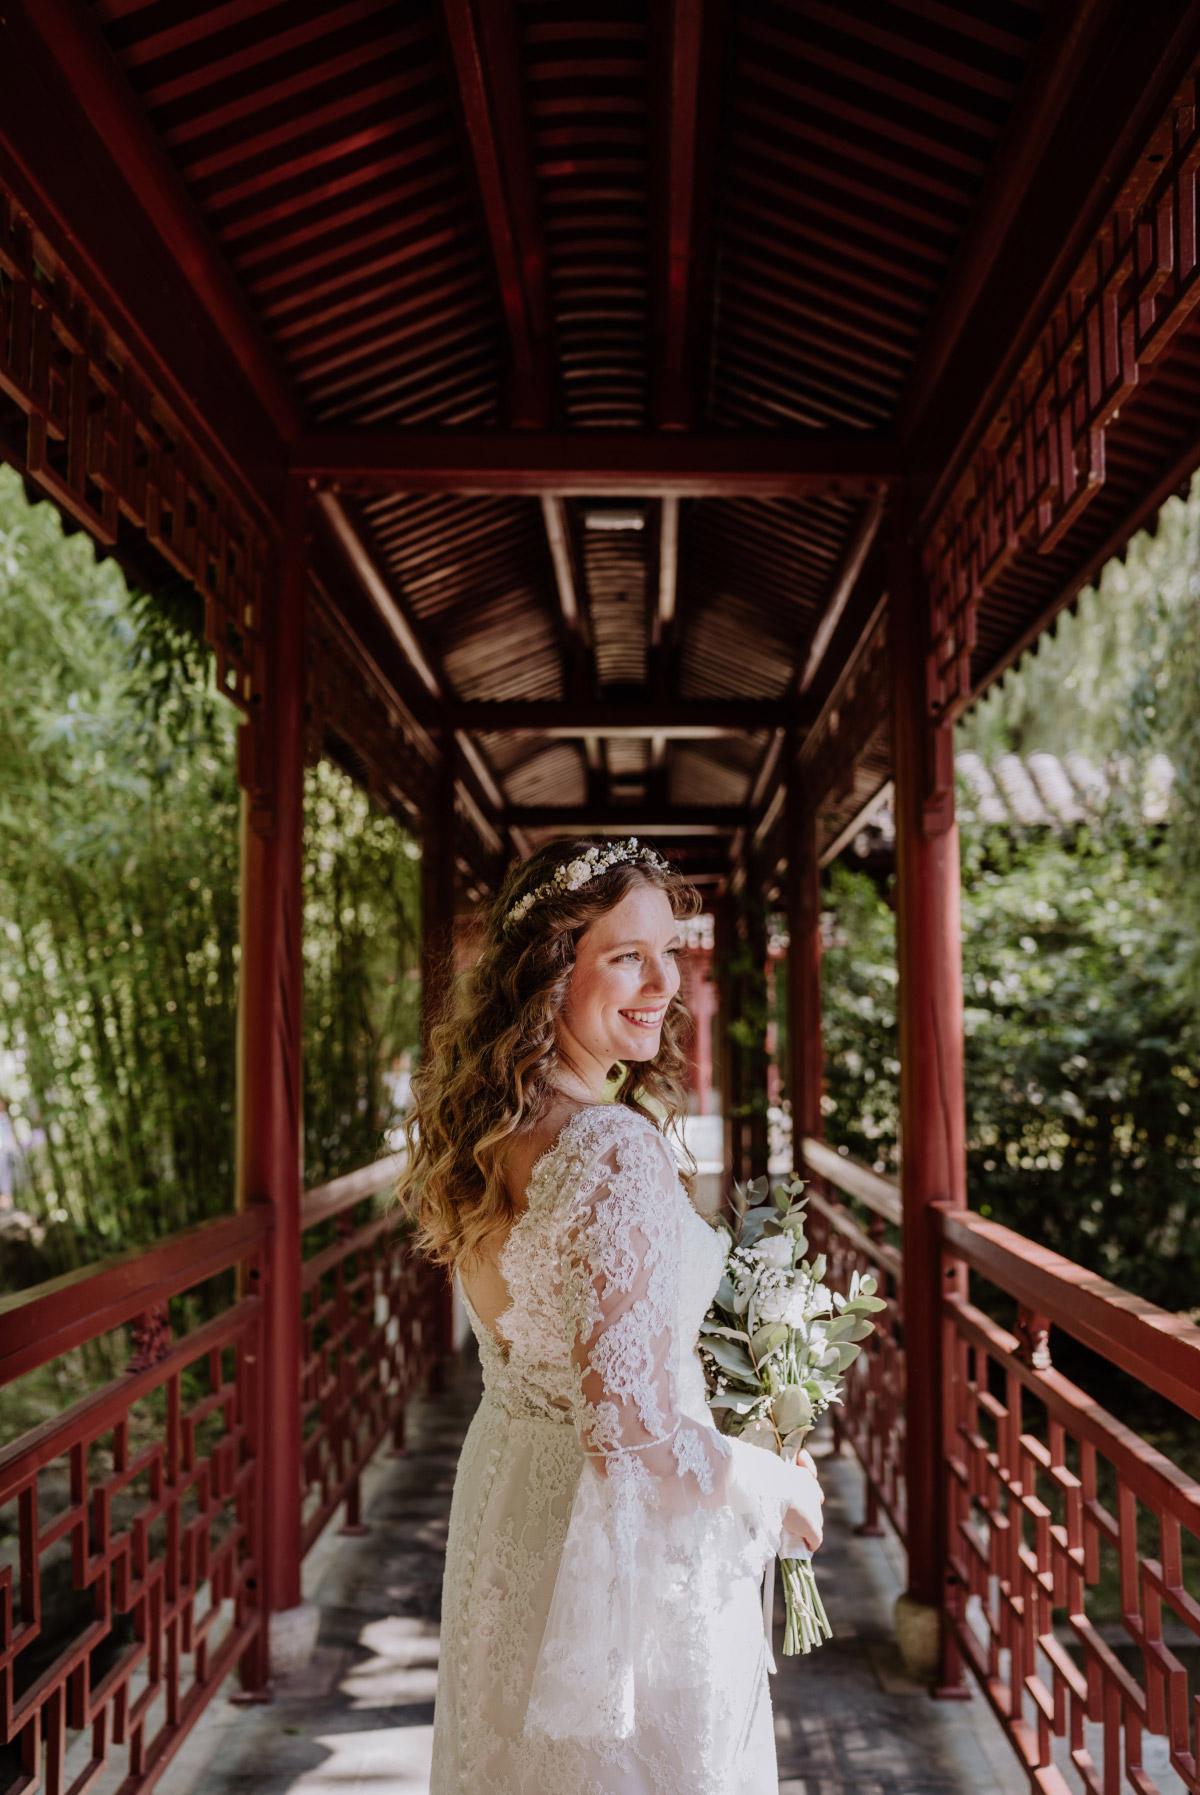 Braut Look - Corona Hochzeit im Standesamt Berlin Gärten der Welt Chinesischer Garten - mehr im Blog von Hochzeitsfotografin Berlin © www.hochzeitslicht.de #hochzeitslicht